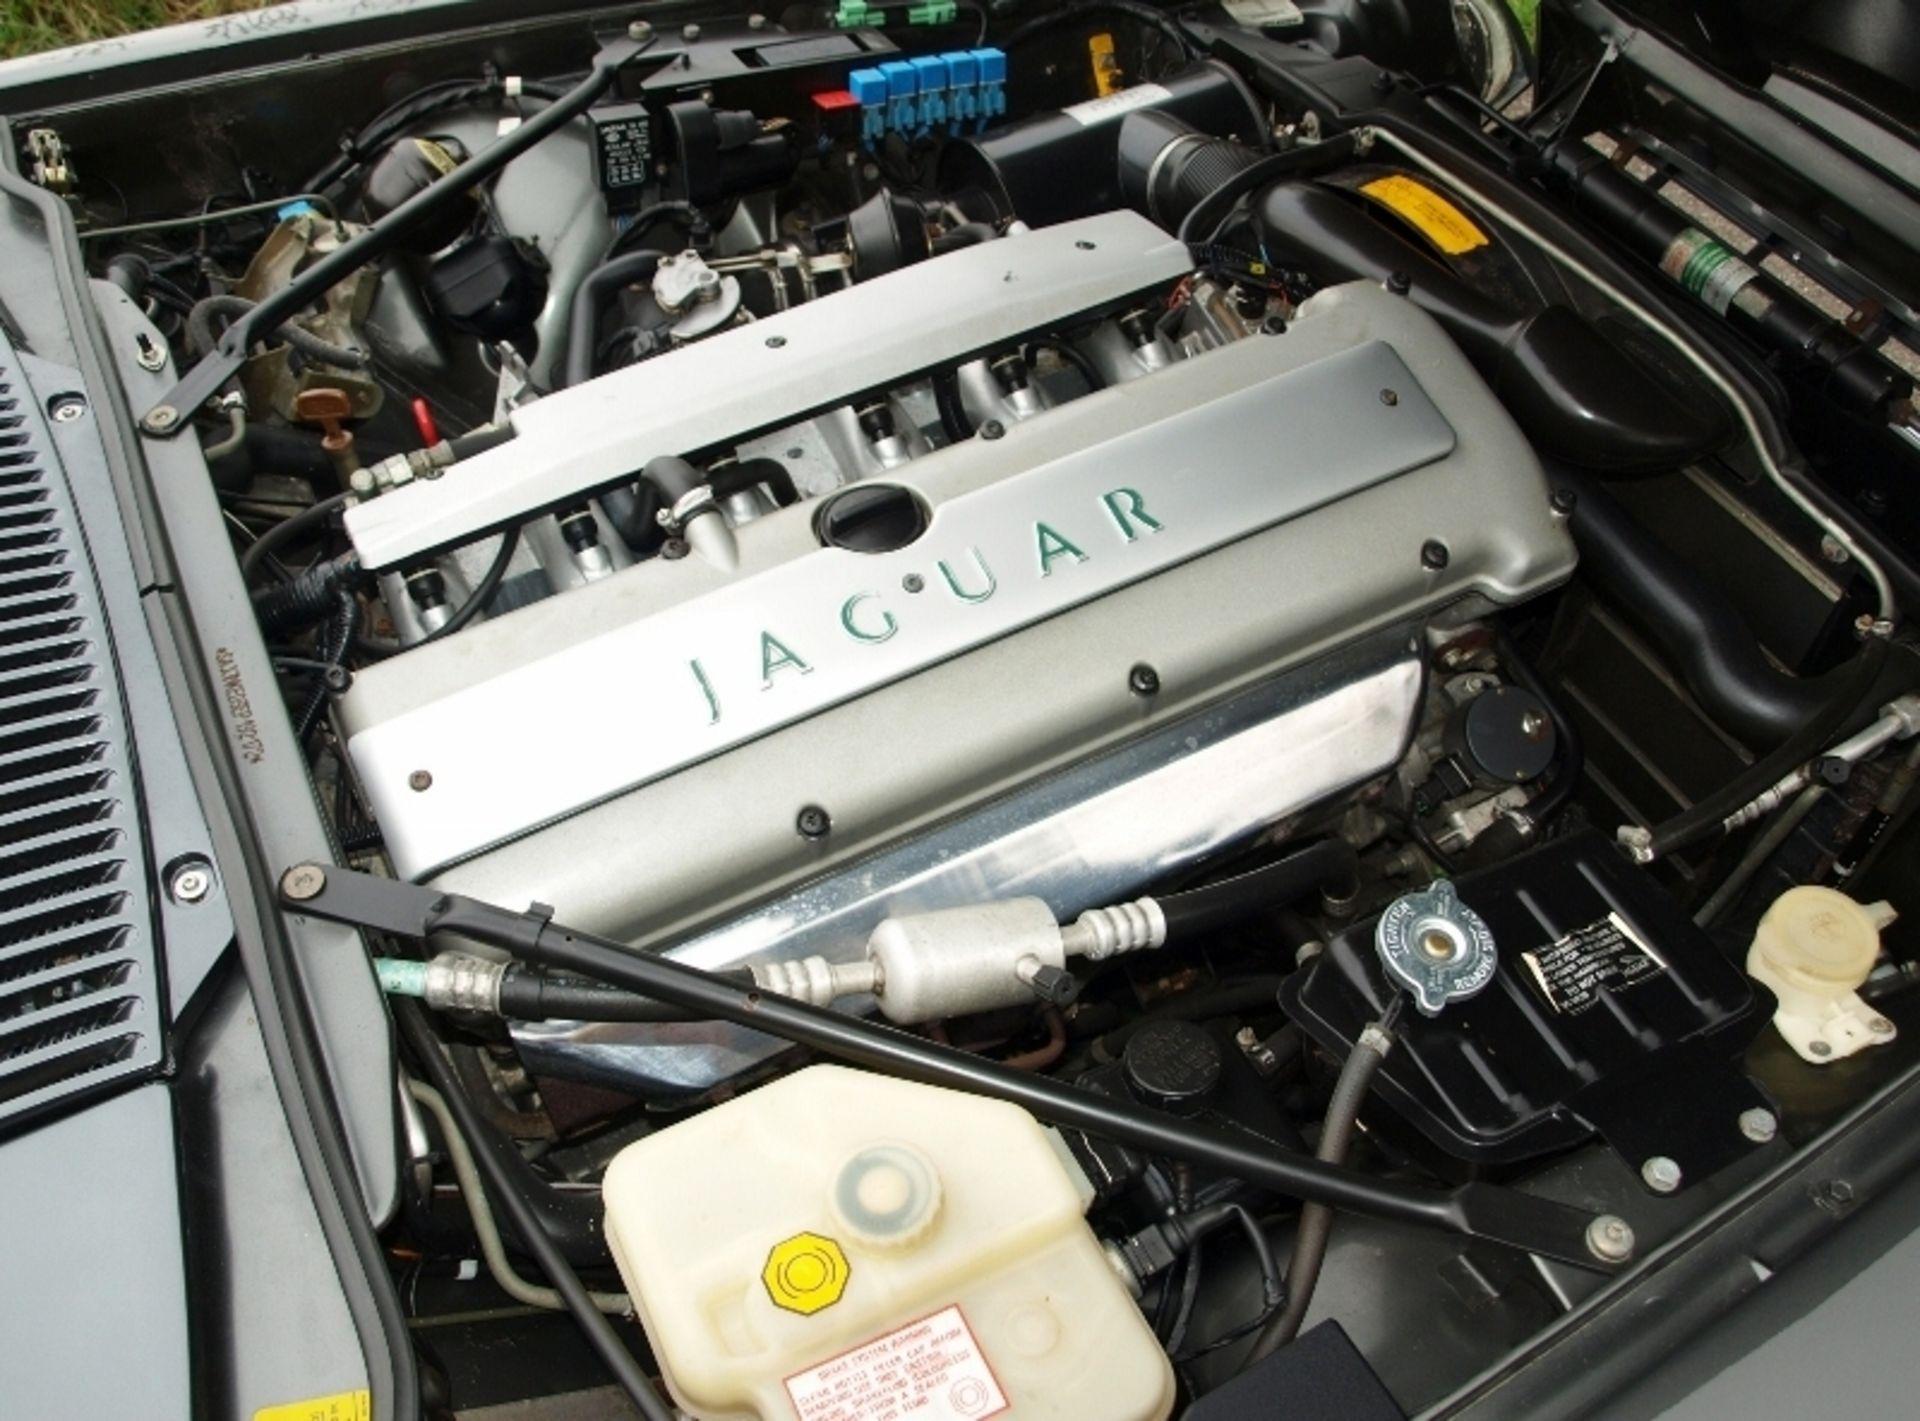 Lot 197 - 1995 Jaguar XJS 4.0